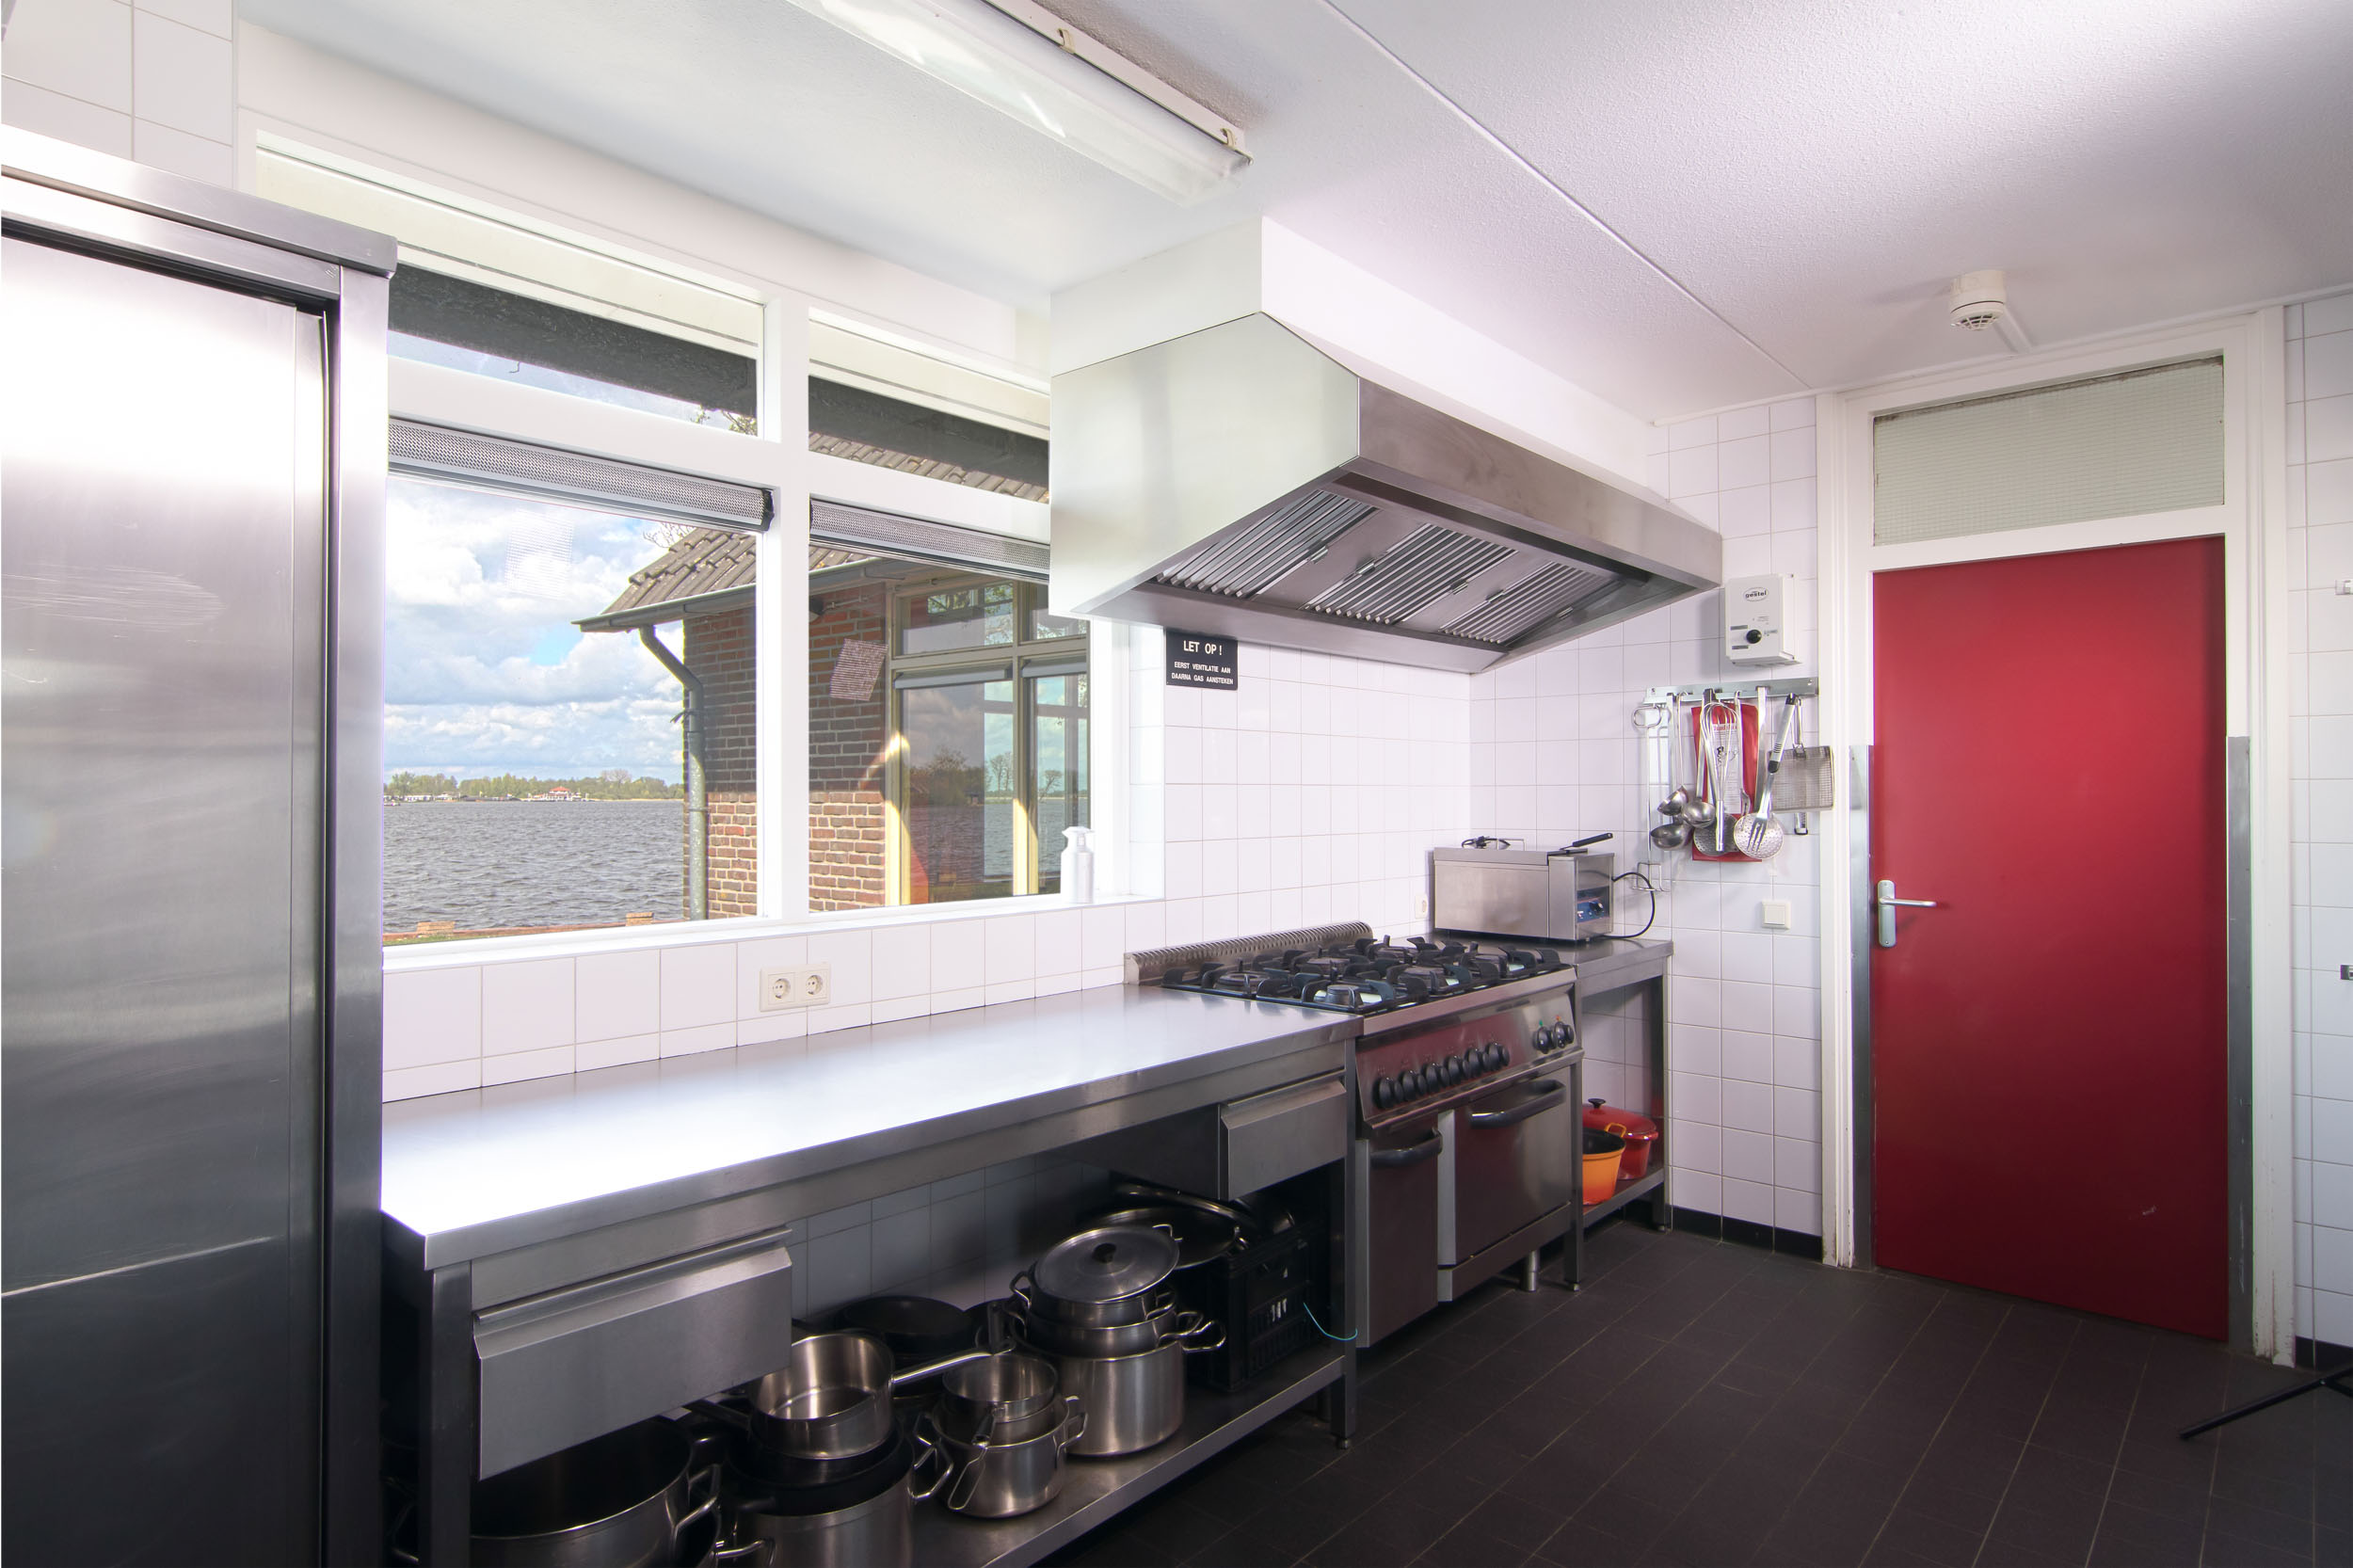 keuken blik op aanrecht - 2500px (1 van 1).jpg